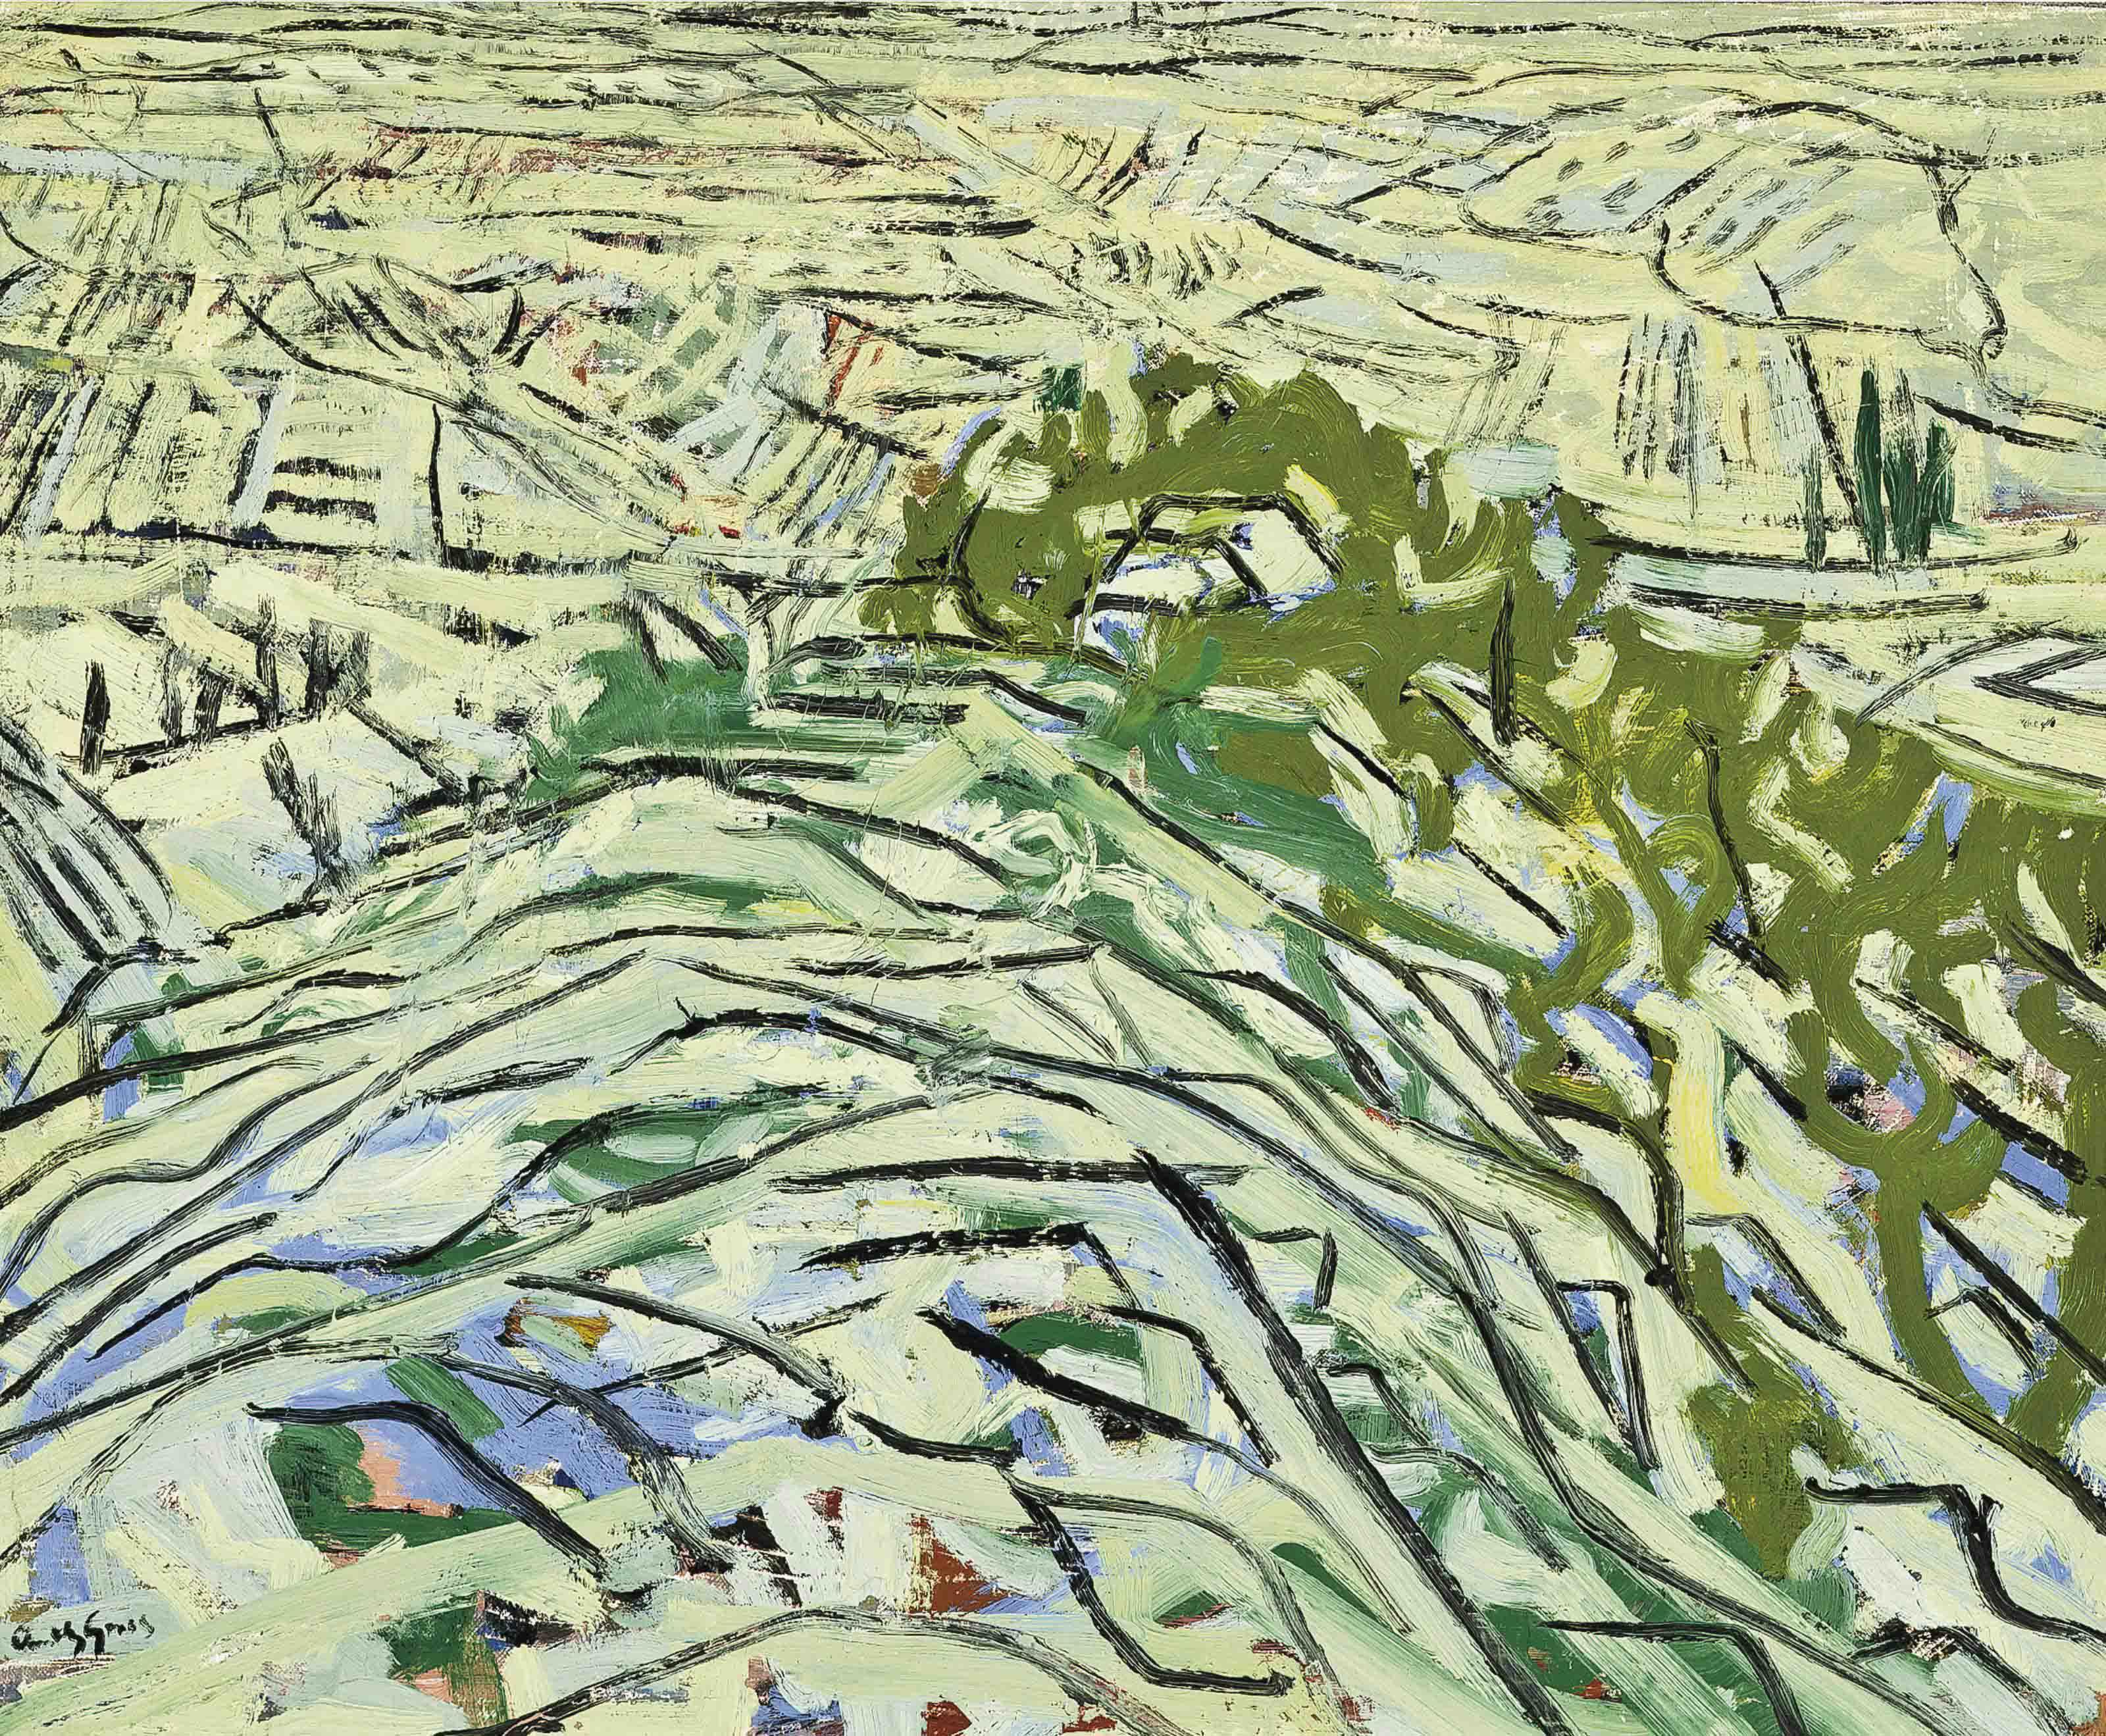 La Boulve Landscape